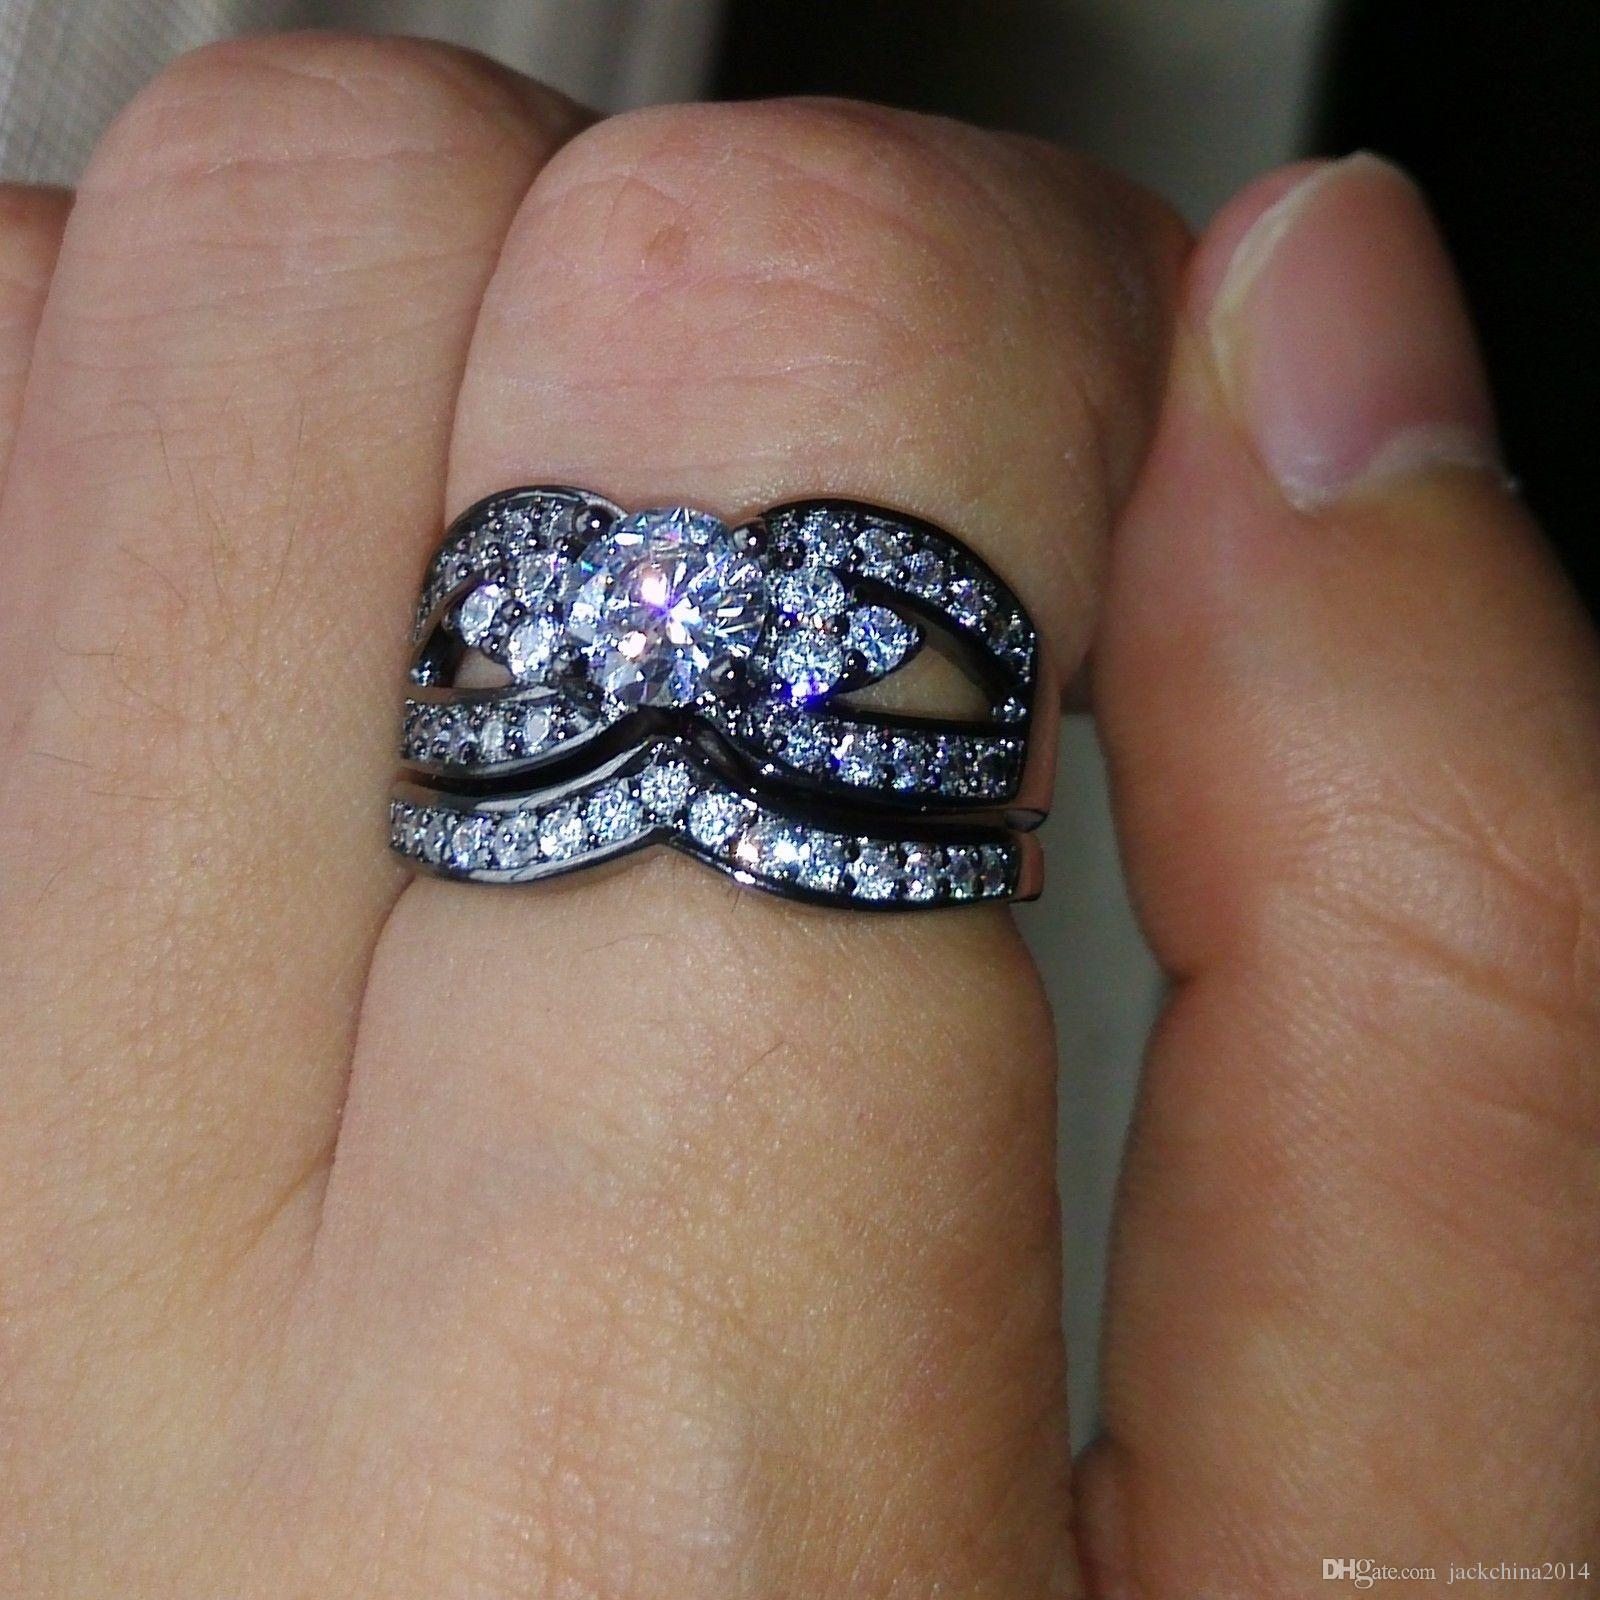 Taglia 5-11 gioielli di lusso all'ingrosso 10KT oro nero riempito topazio bianco taglio rocca diamante della cz pietre preziose weddiing coppia nuziale anello set